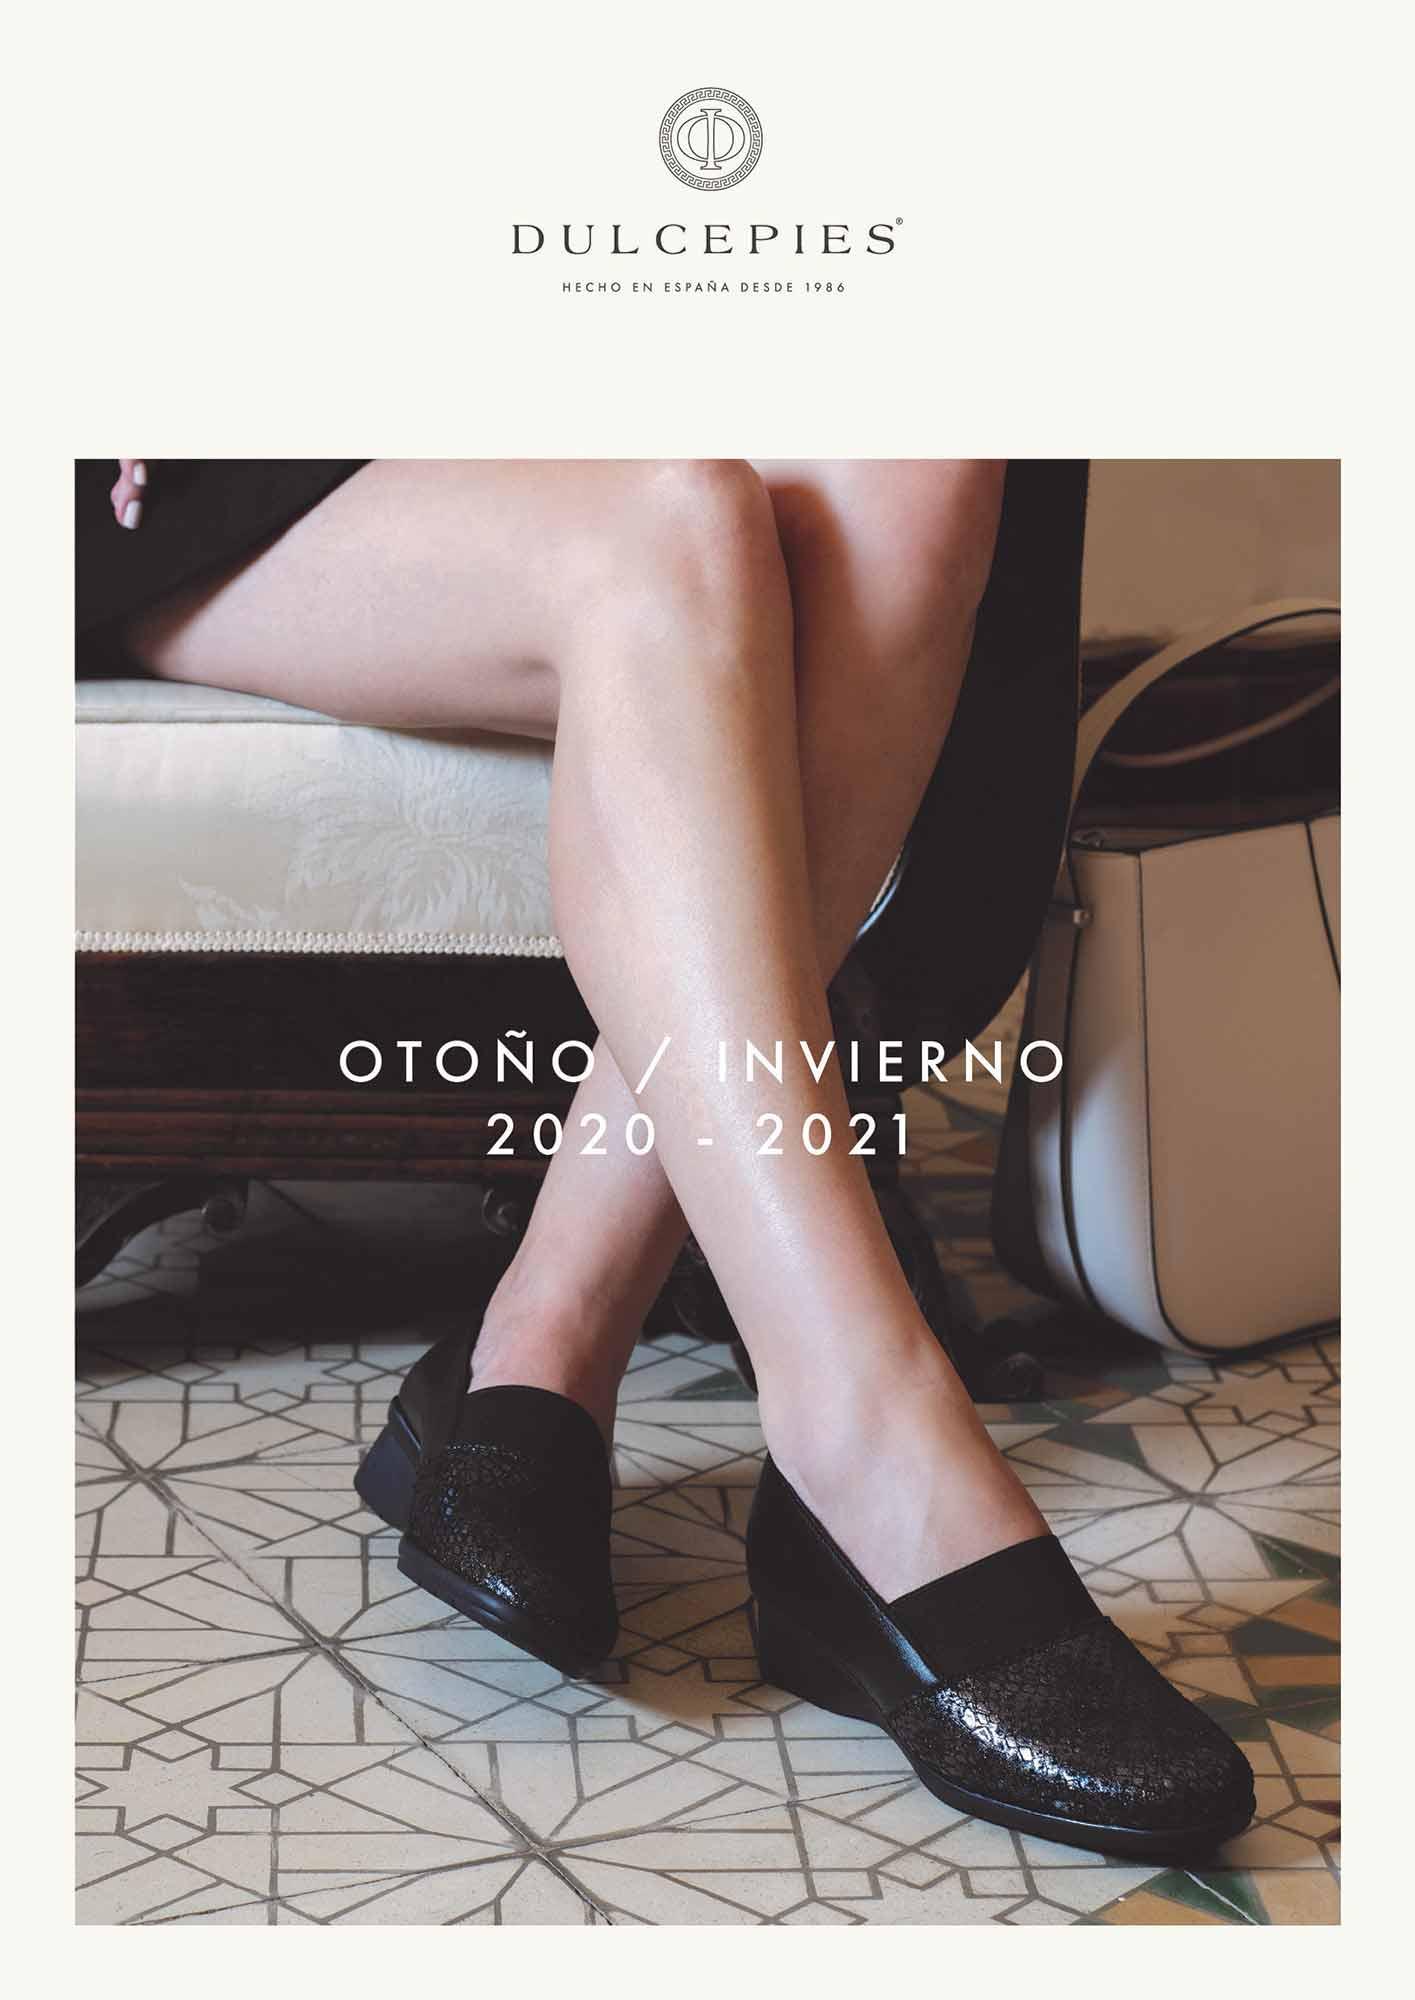 portada del catálogo de zapatos con piernas de mujer